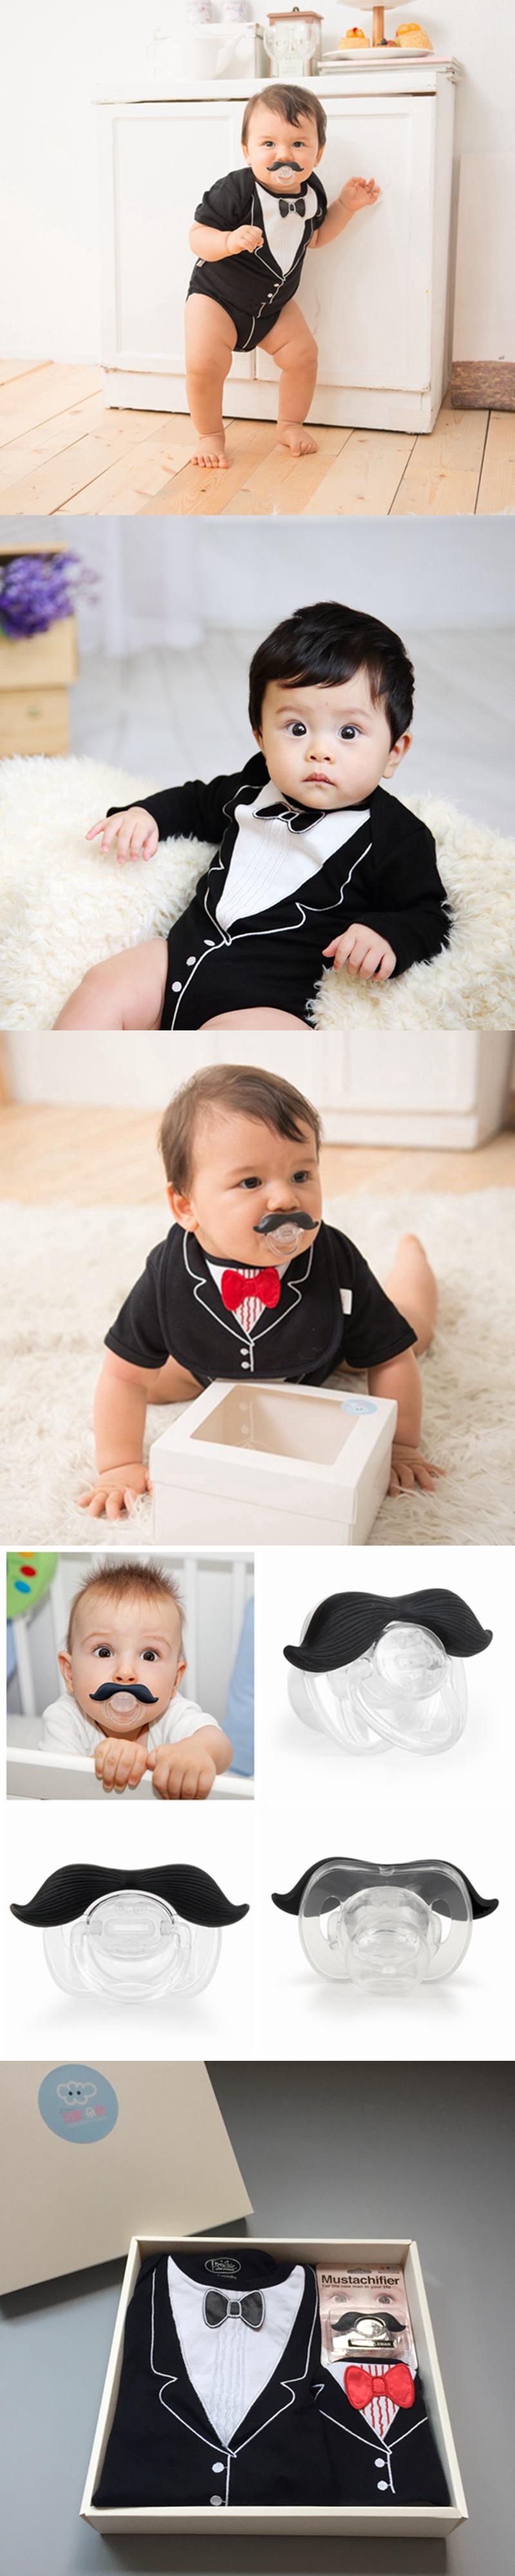 美國FMC X Hipsterkid 男嬰禮盒 - 李傲納多宴會版 (連身衣+圍兜+奶嘴)(12個月)